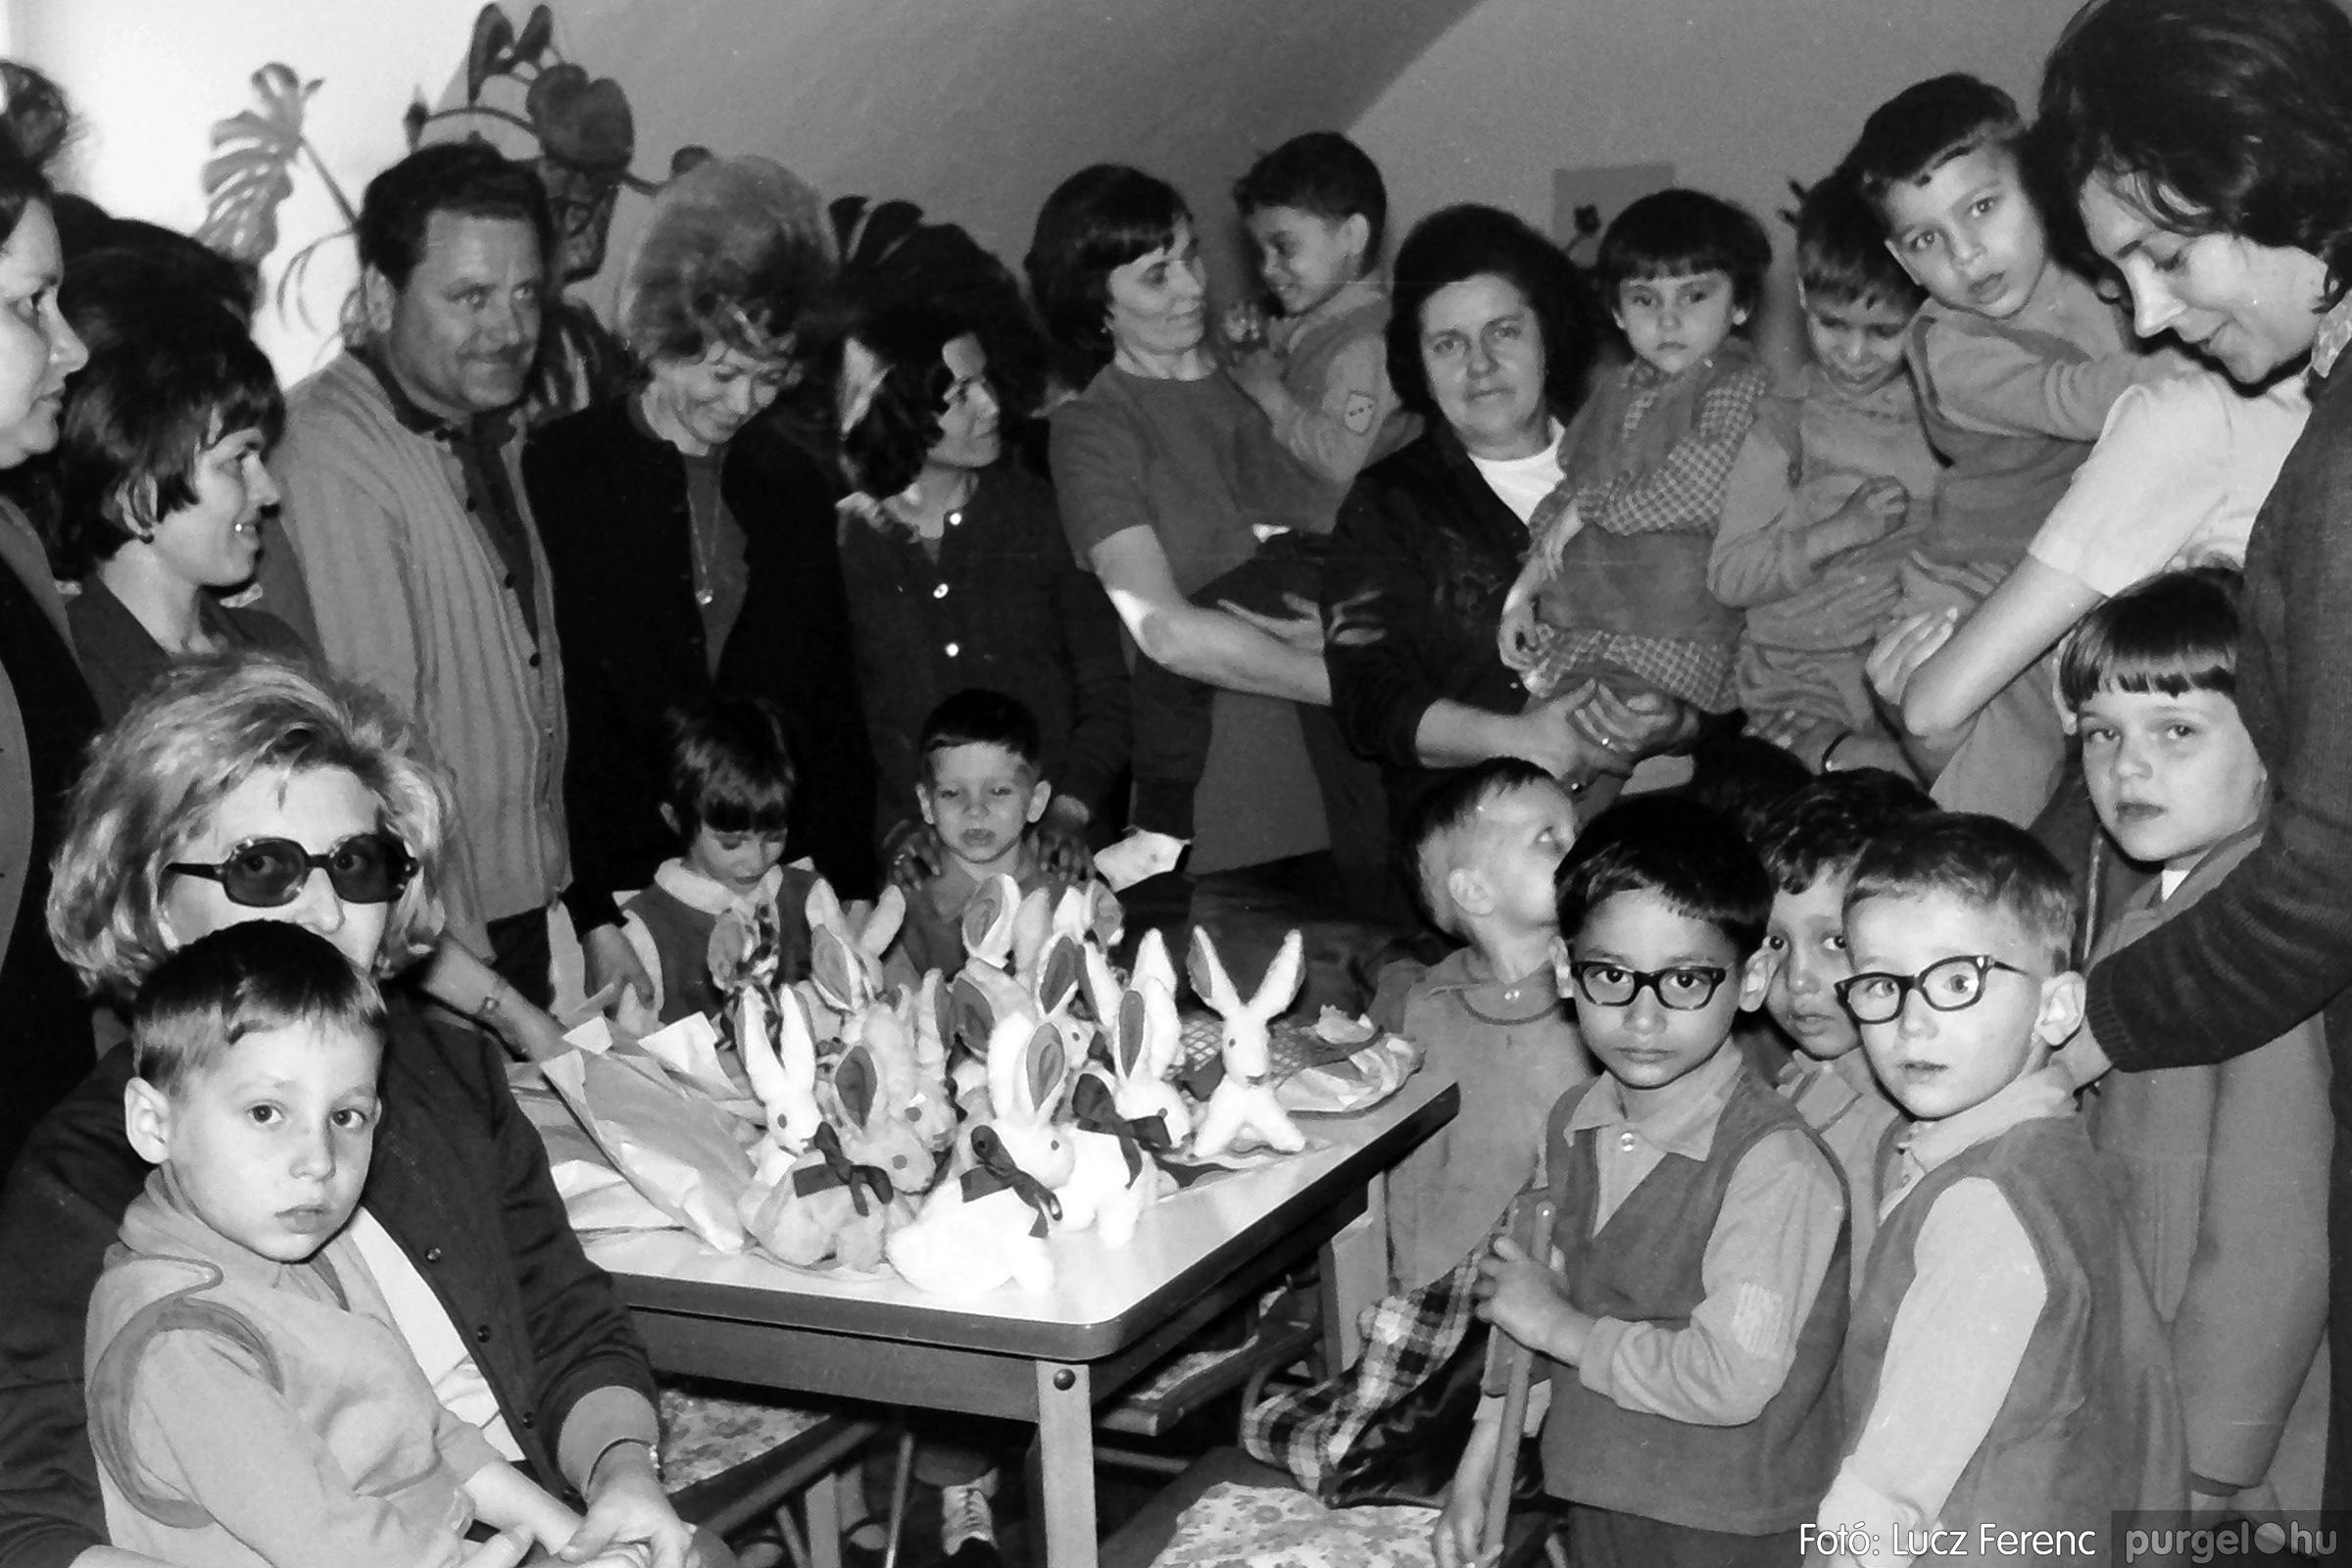 044. 1976. Látogatás a gyermekotthonban 002. - Fotó: Lucz Ferenc.jpg